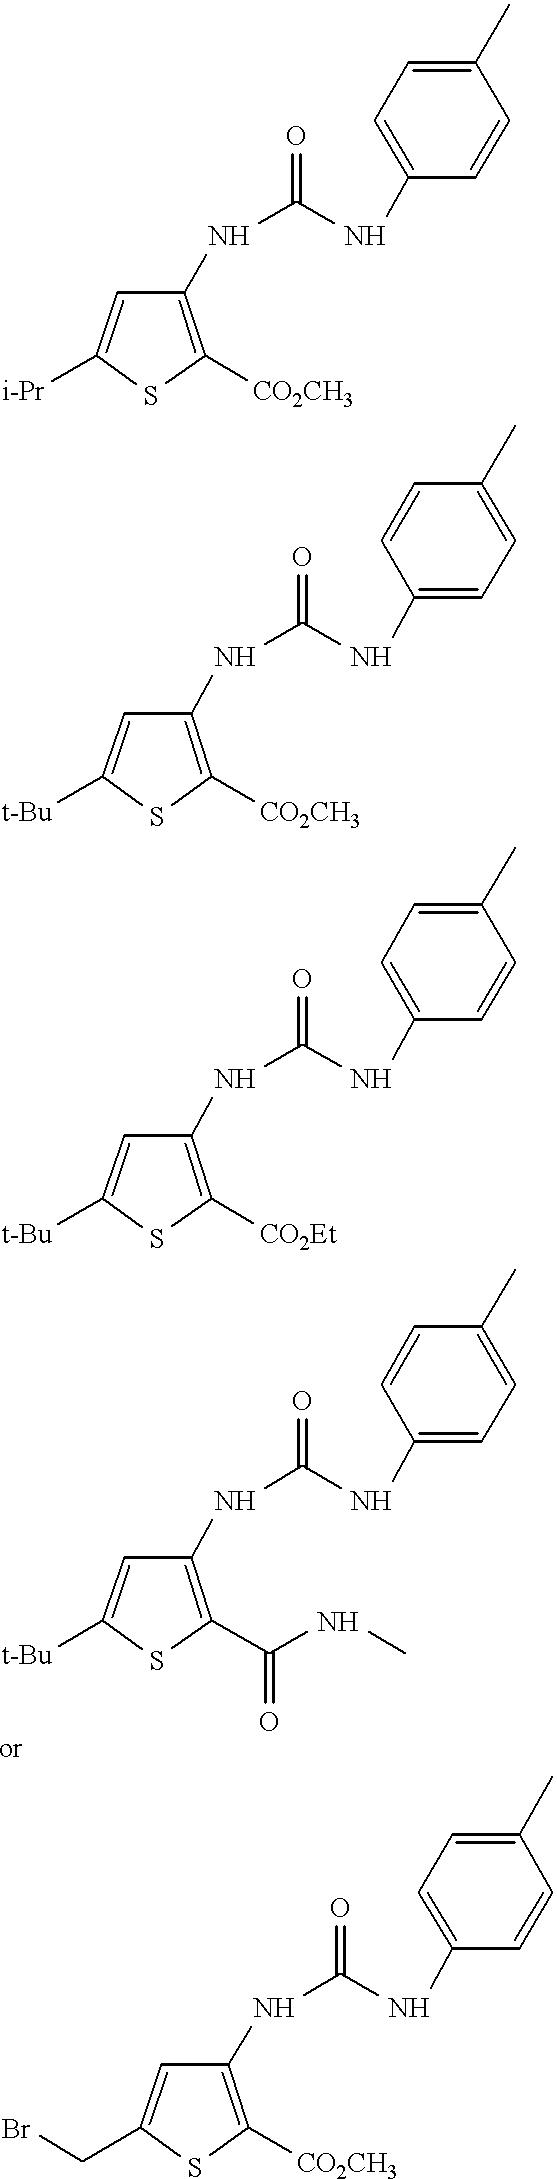 Figure US06187799-20010213-C00053